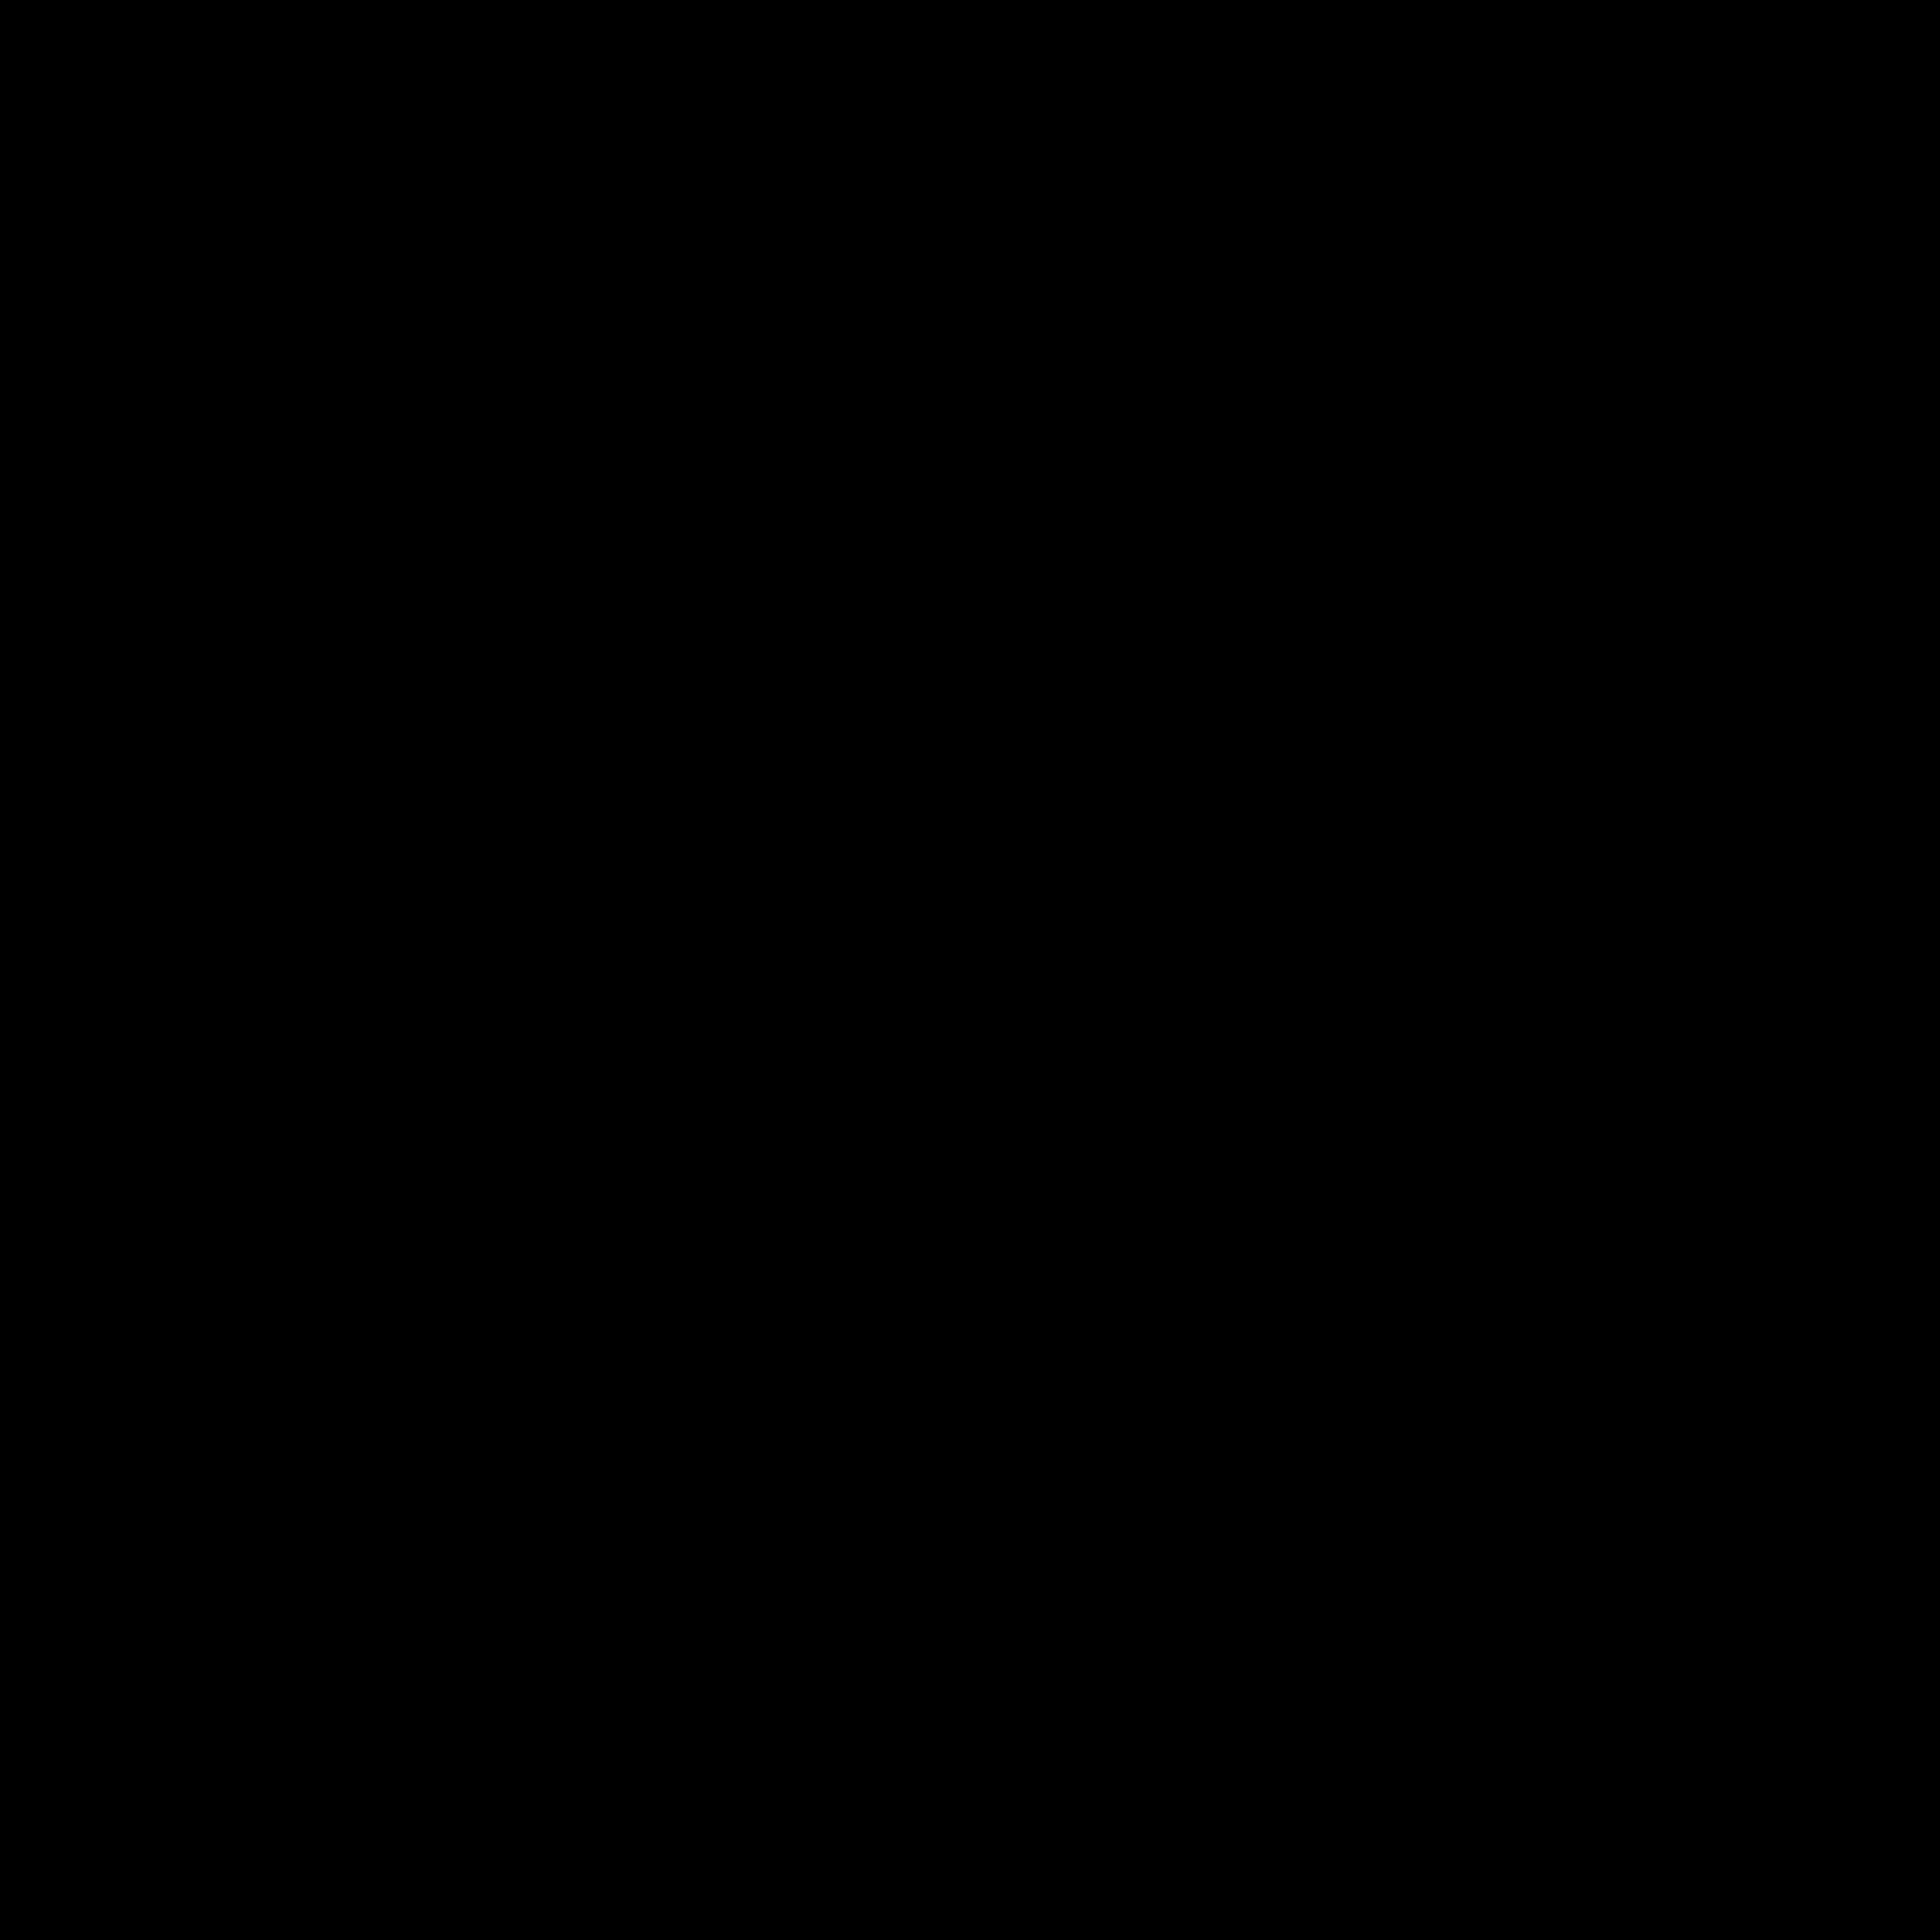 【BardShop環保小物】最美的琉璃吸管/環保創意透明玻璃吸管-彎/直/粗/細/尖頭款 0